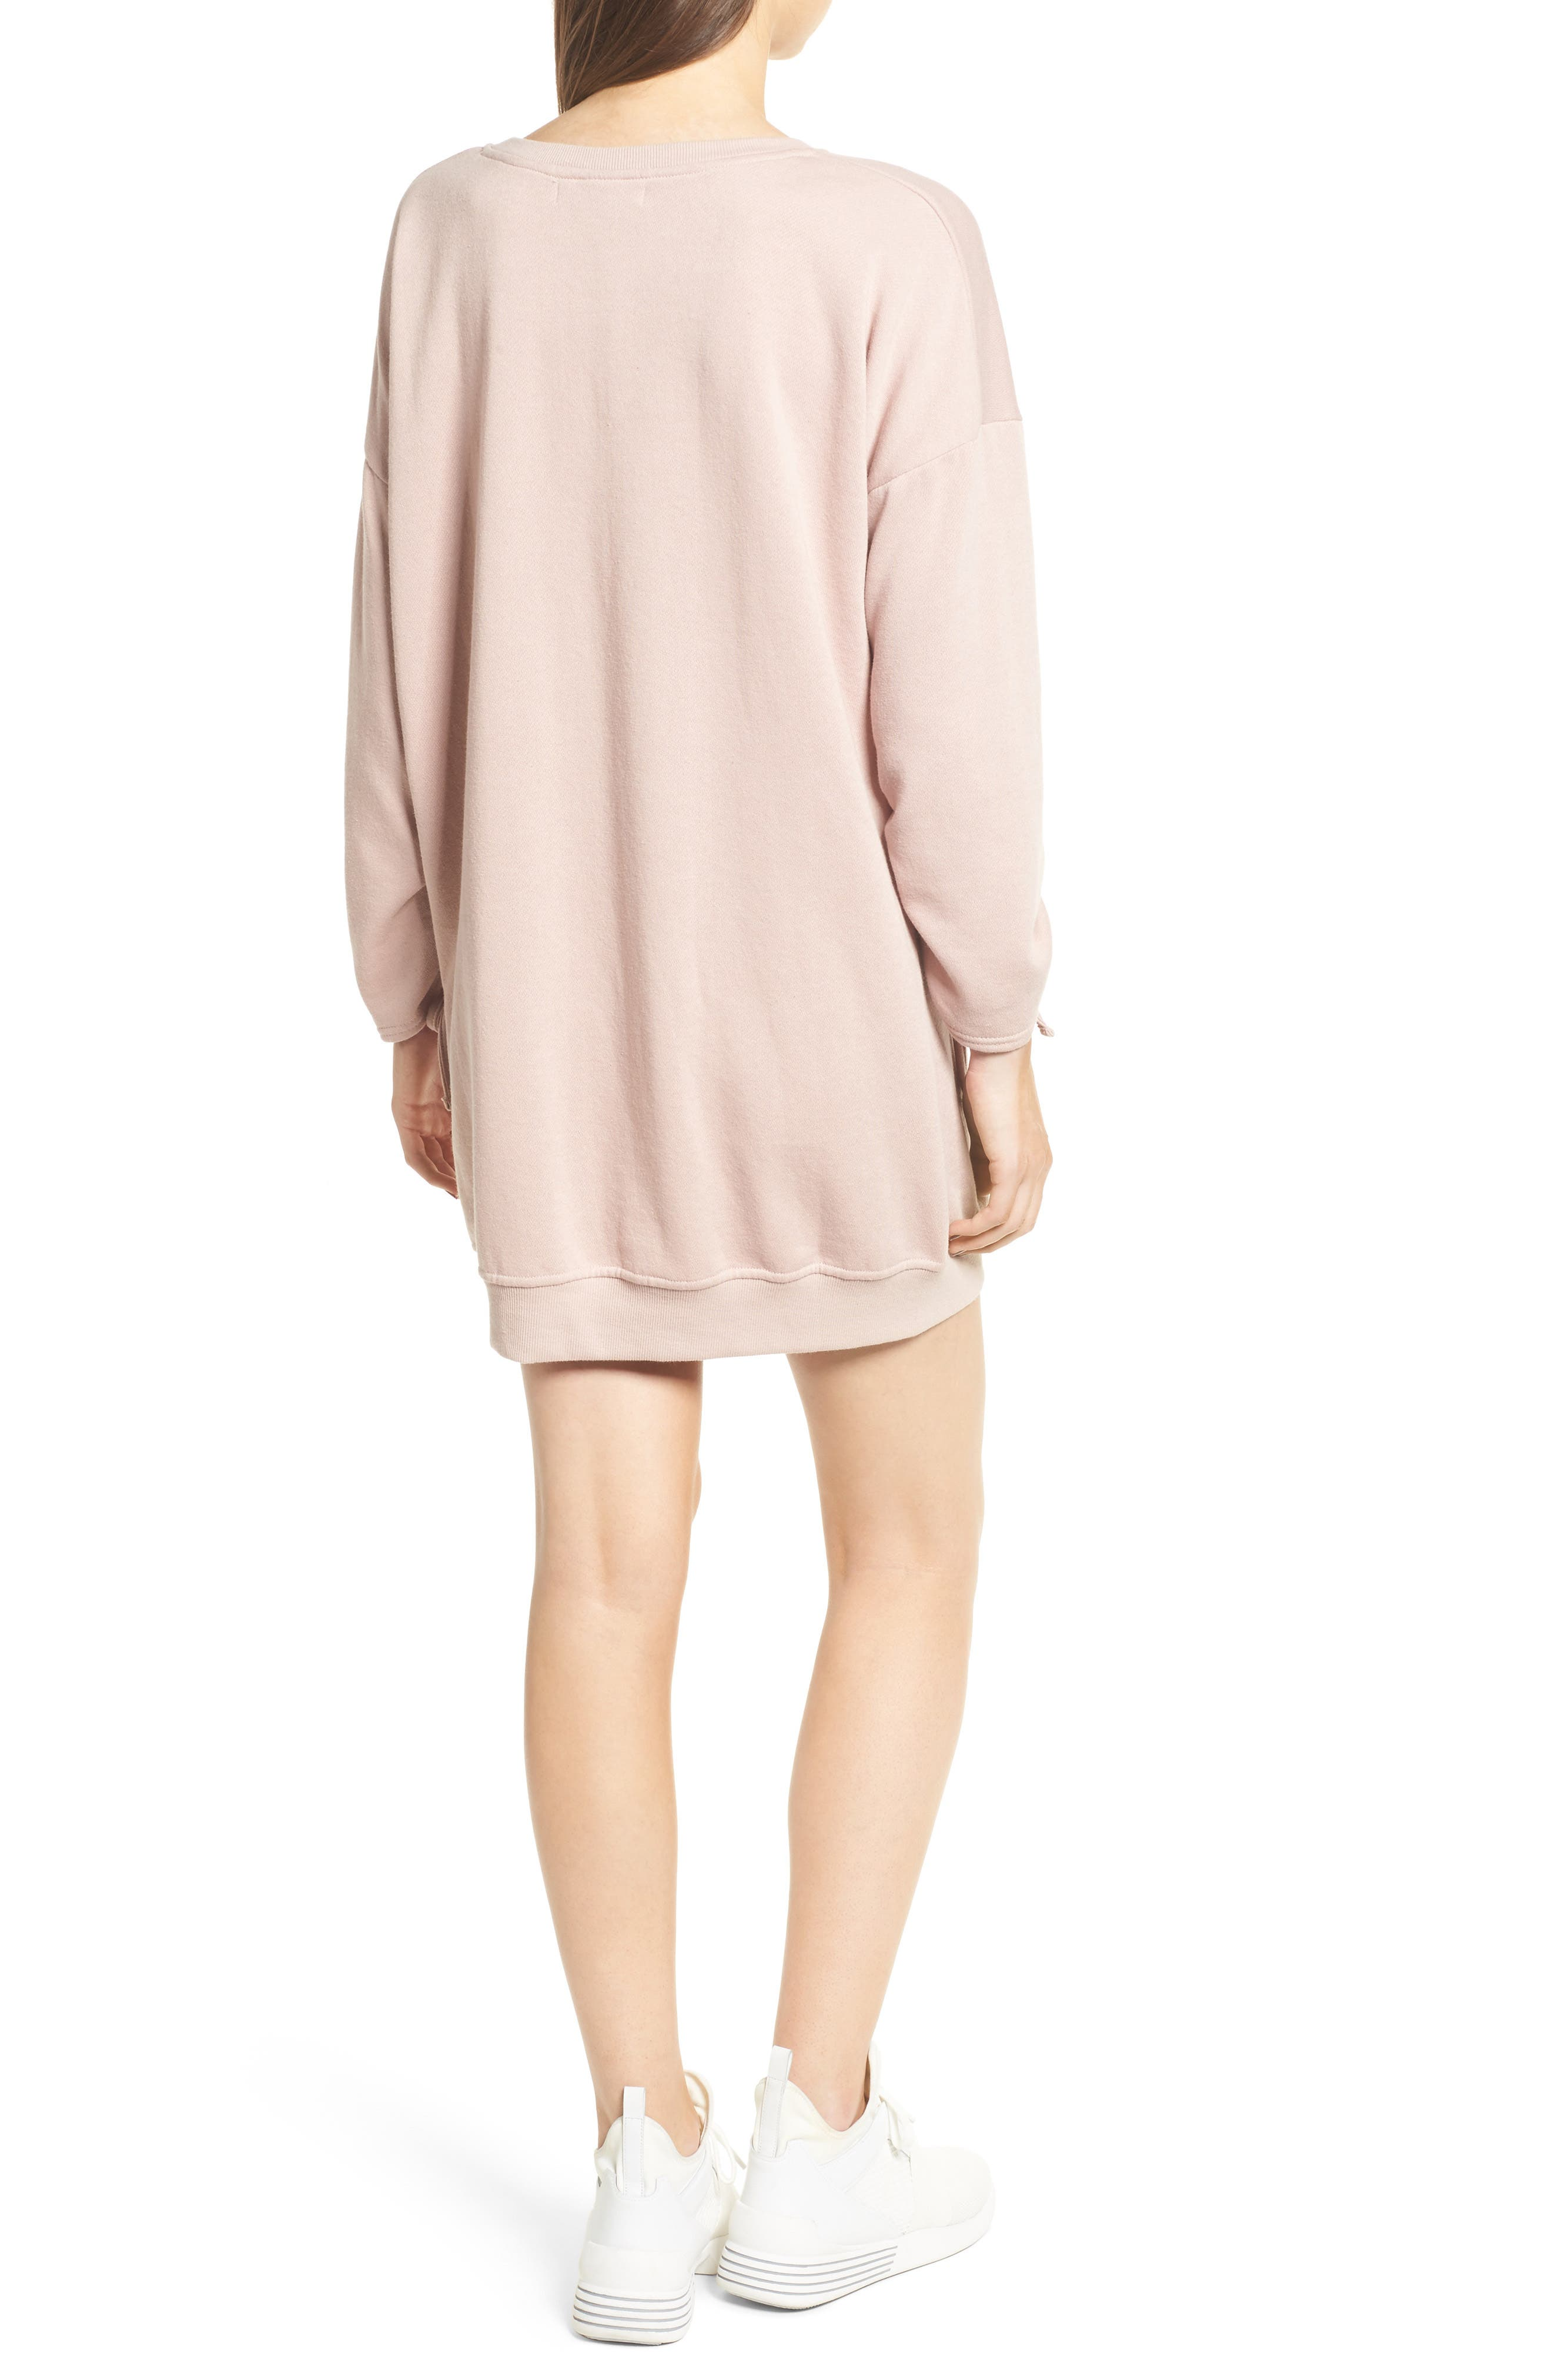 Alternate Image 2  - Cotton Emporium Ruched Sleeve Sweatshirt Dress